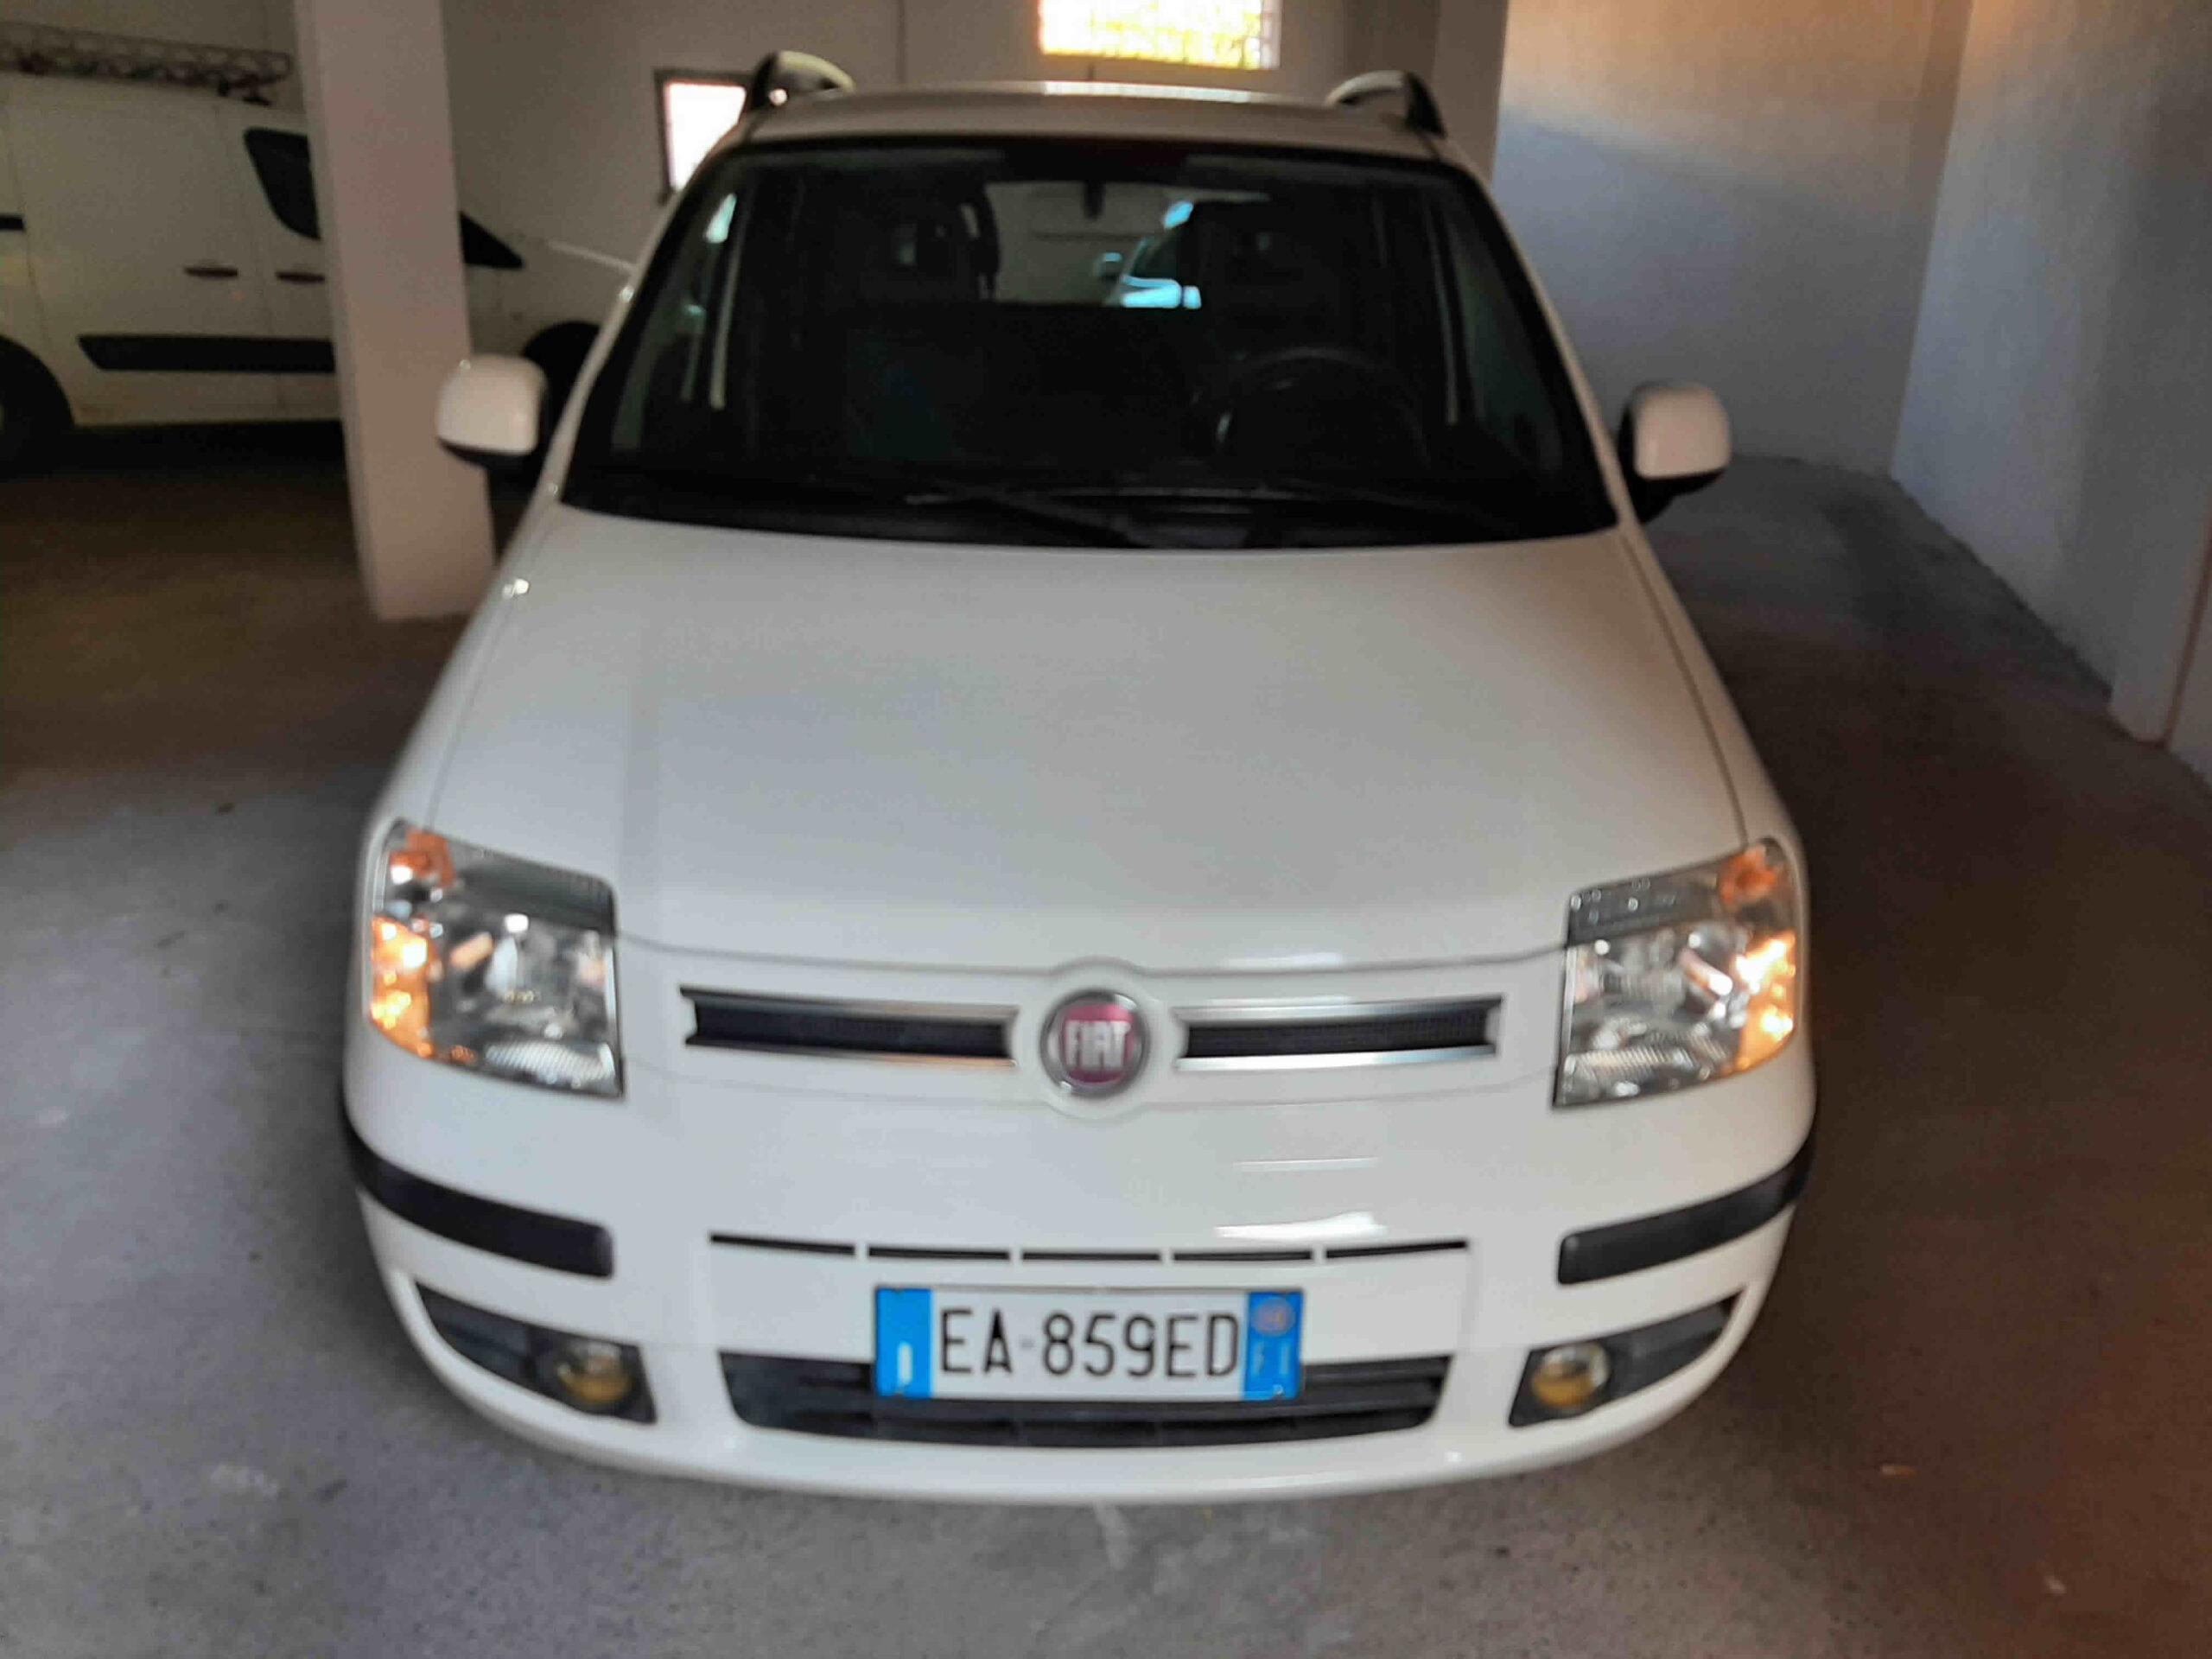 FIAT PANDA 1.2 69CV - €4.700